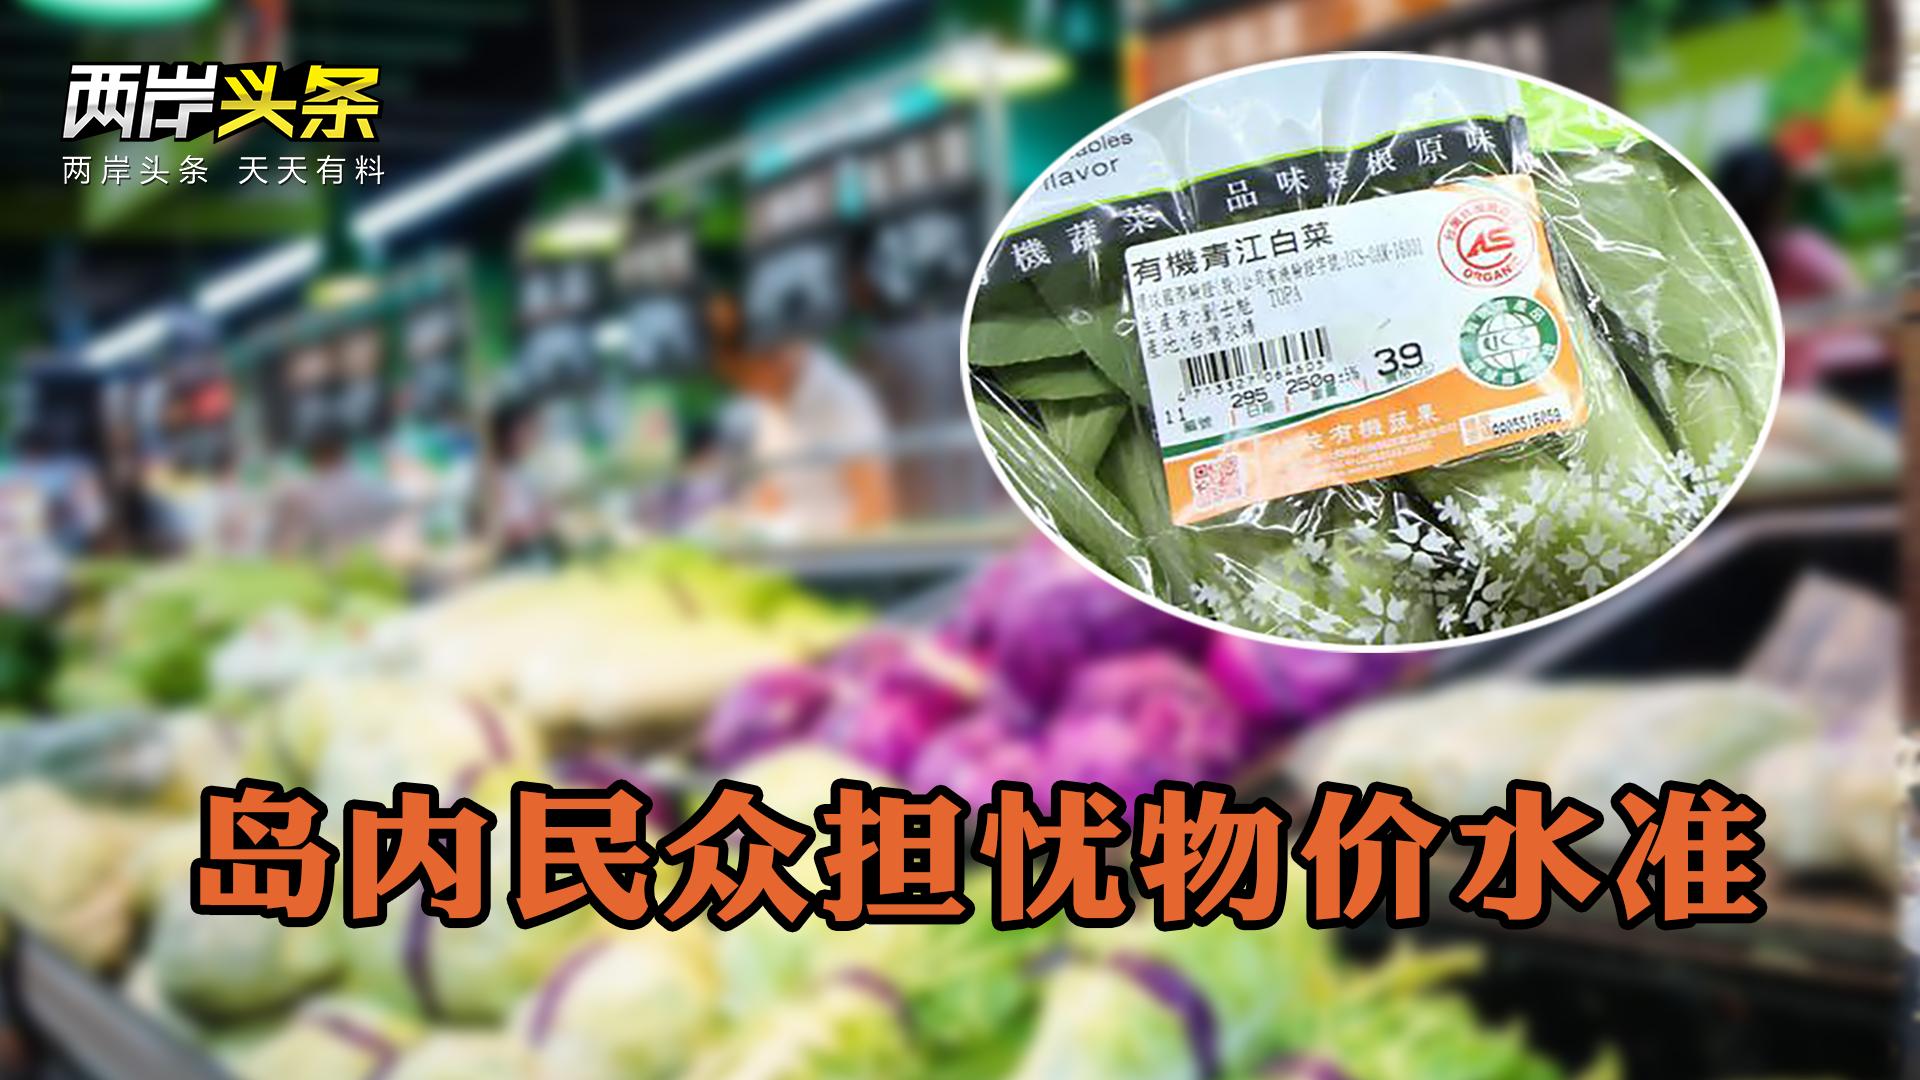 臺灣無薪假人數首度減少民眾對物價水平信心不足圖片